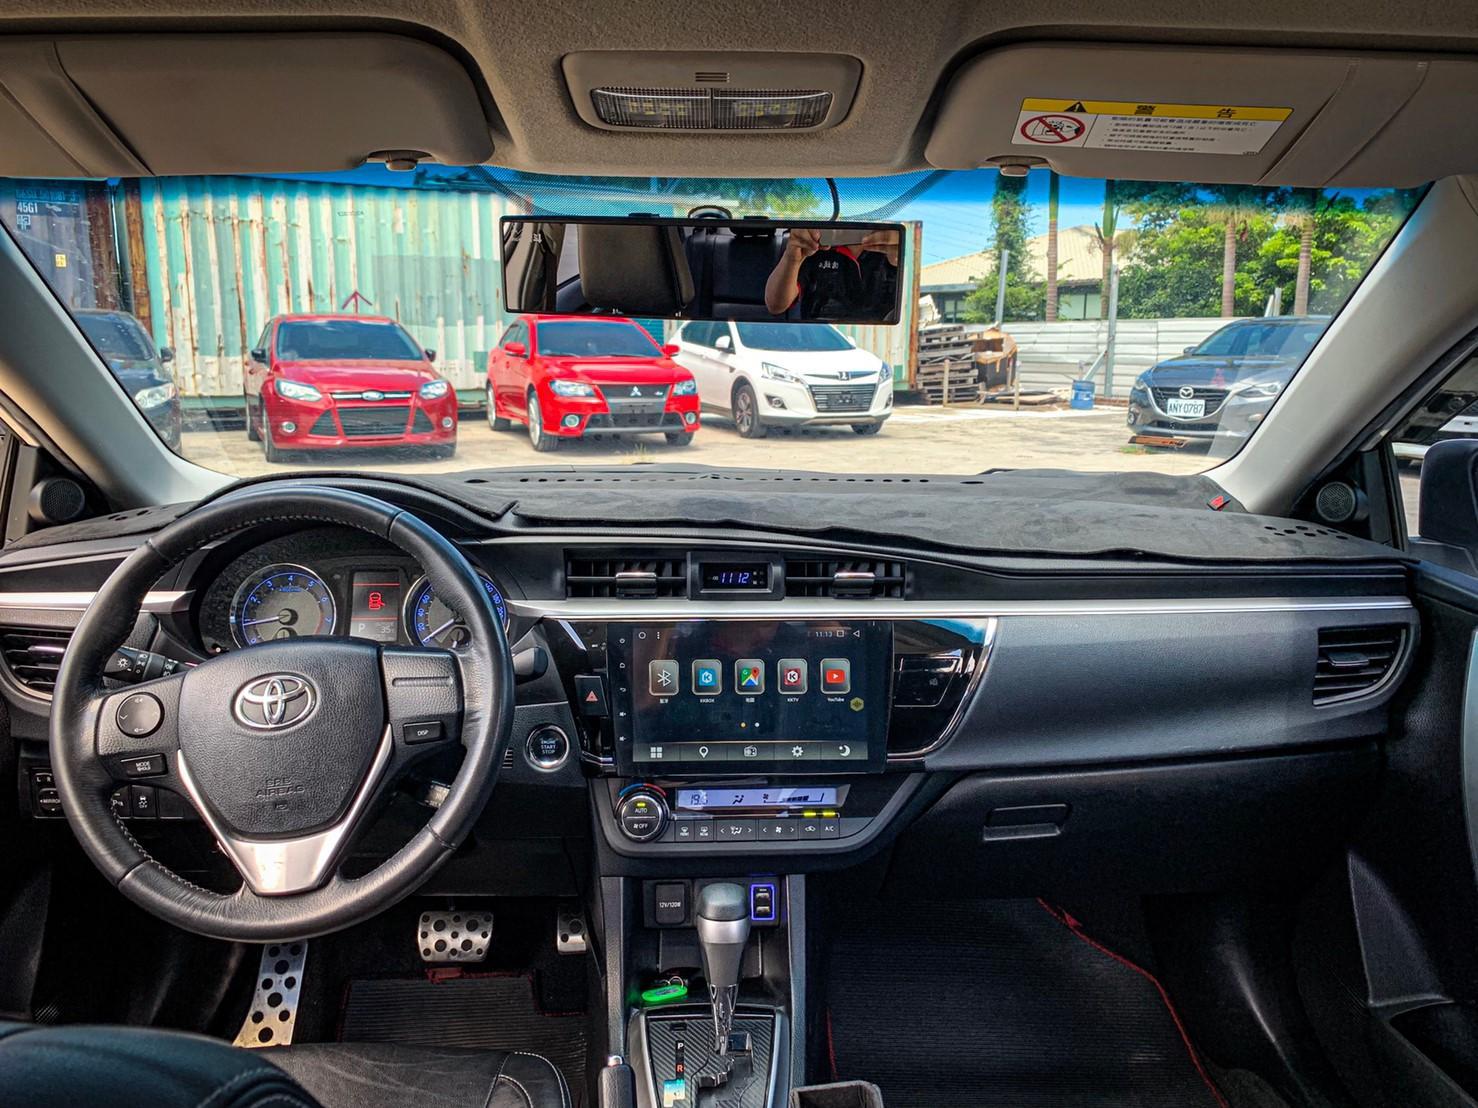 2015年 ALTIS G版 白 1.8 熱門車中古車二手車